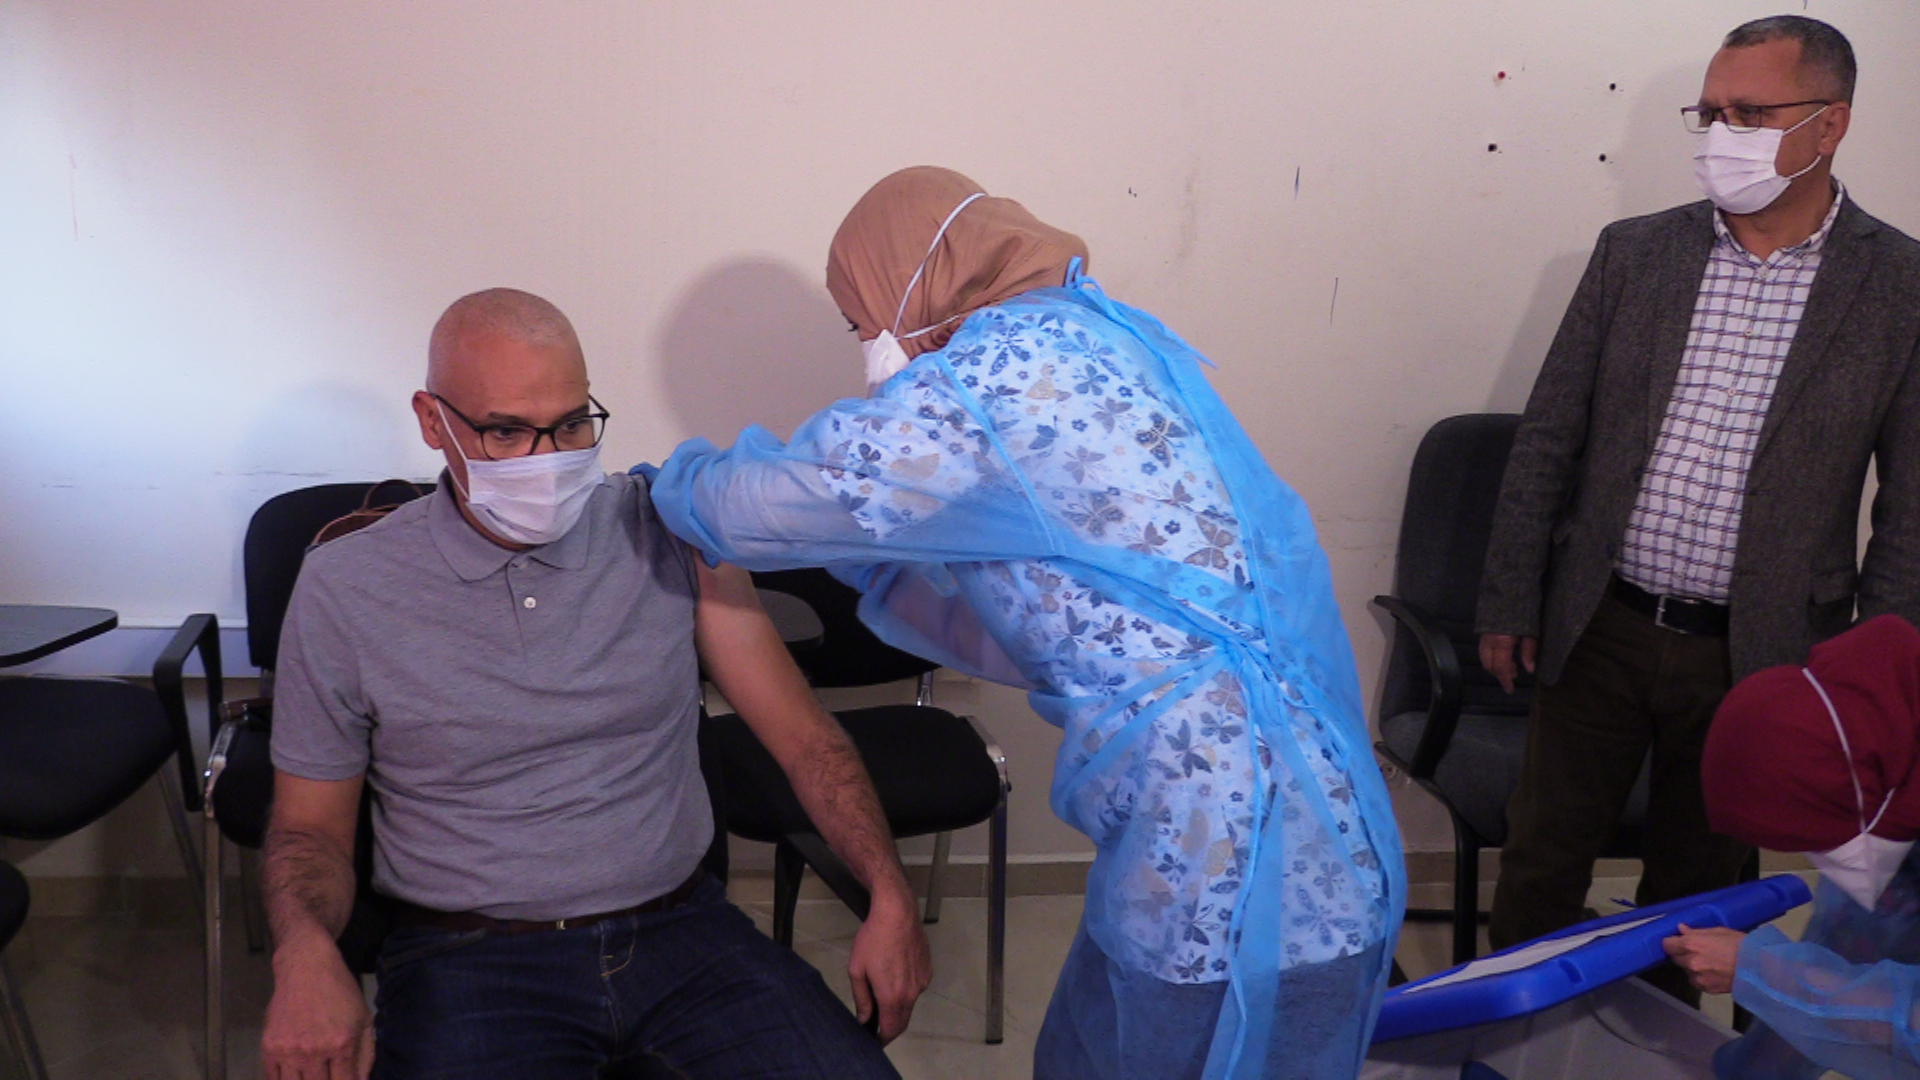 اول جرعةللتلقيح ضد فيروس كورونا تلقاها بالعيون الاستاذ التوبالي محمد البشير المدير الاقليمي للتعليم بالعيون